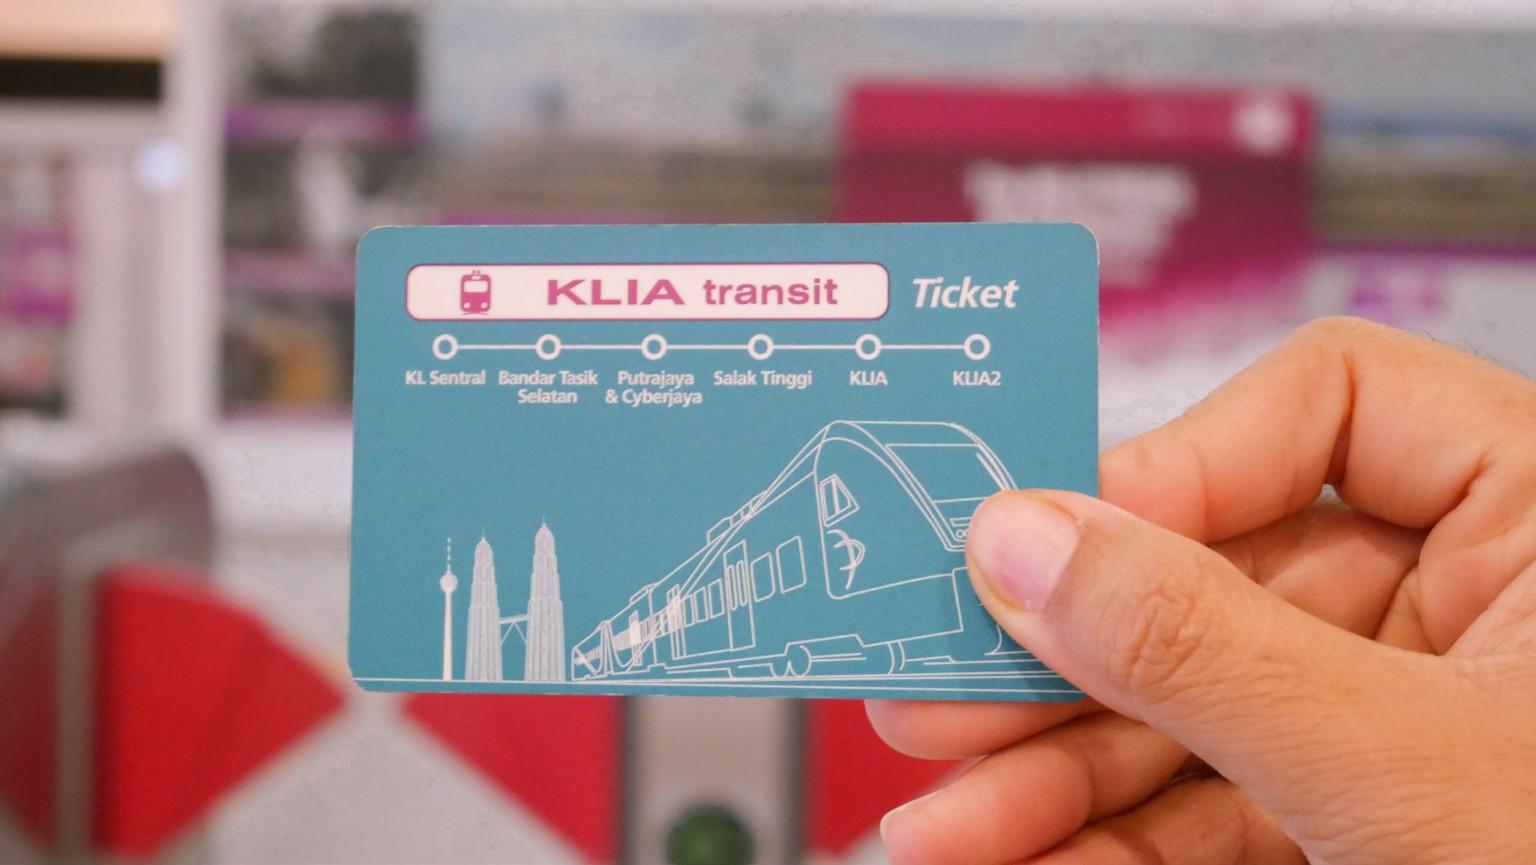 naik KLIA Transit ke Putrajaya